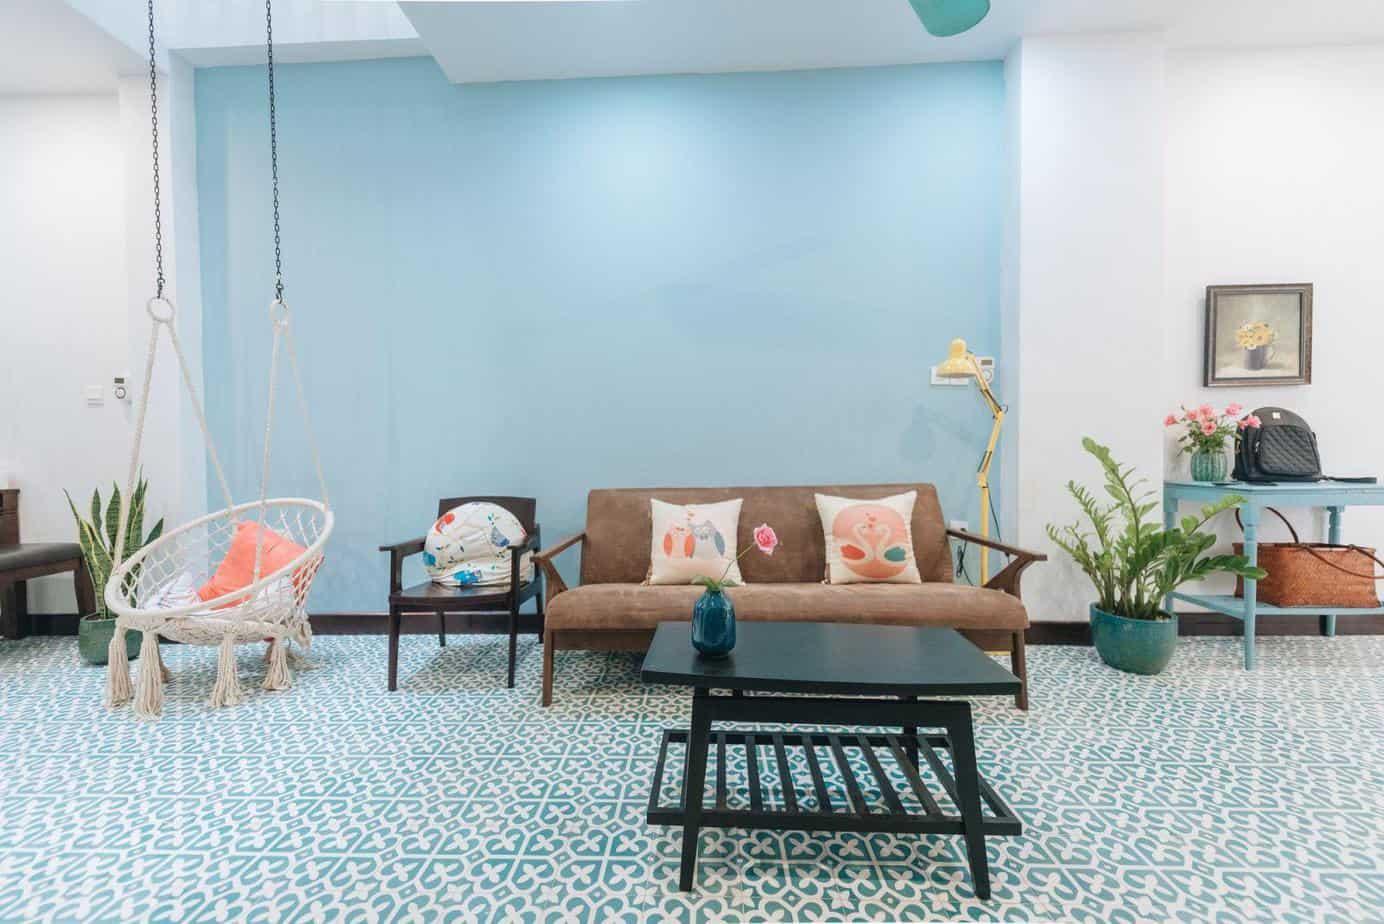 Top 23 Mẫu Thiết Kế Nội Thất Châu Âu Đẹp Ấn Tượng -  - Mẫu thiết kế nội thất đẹp | thiết kế nội thất châu âu đẹp 69